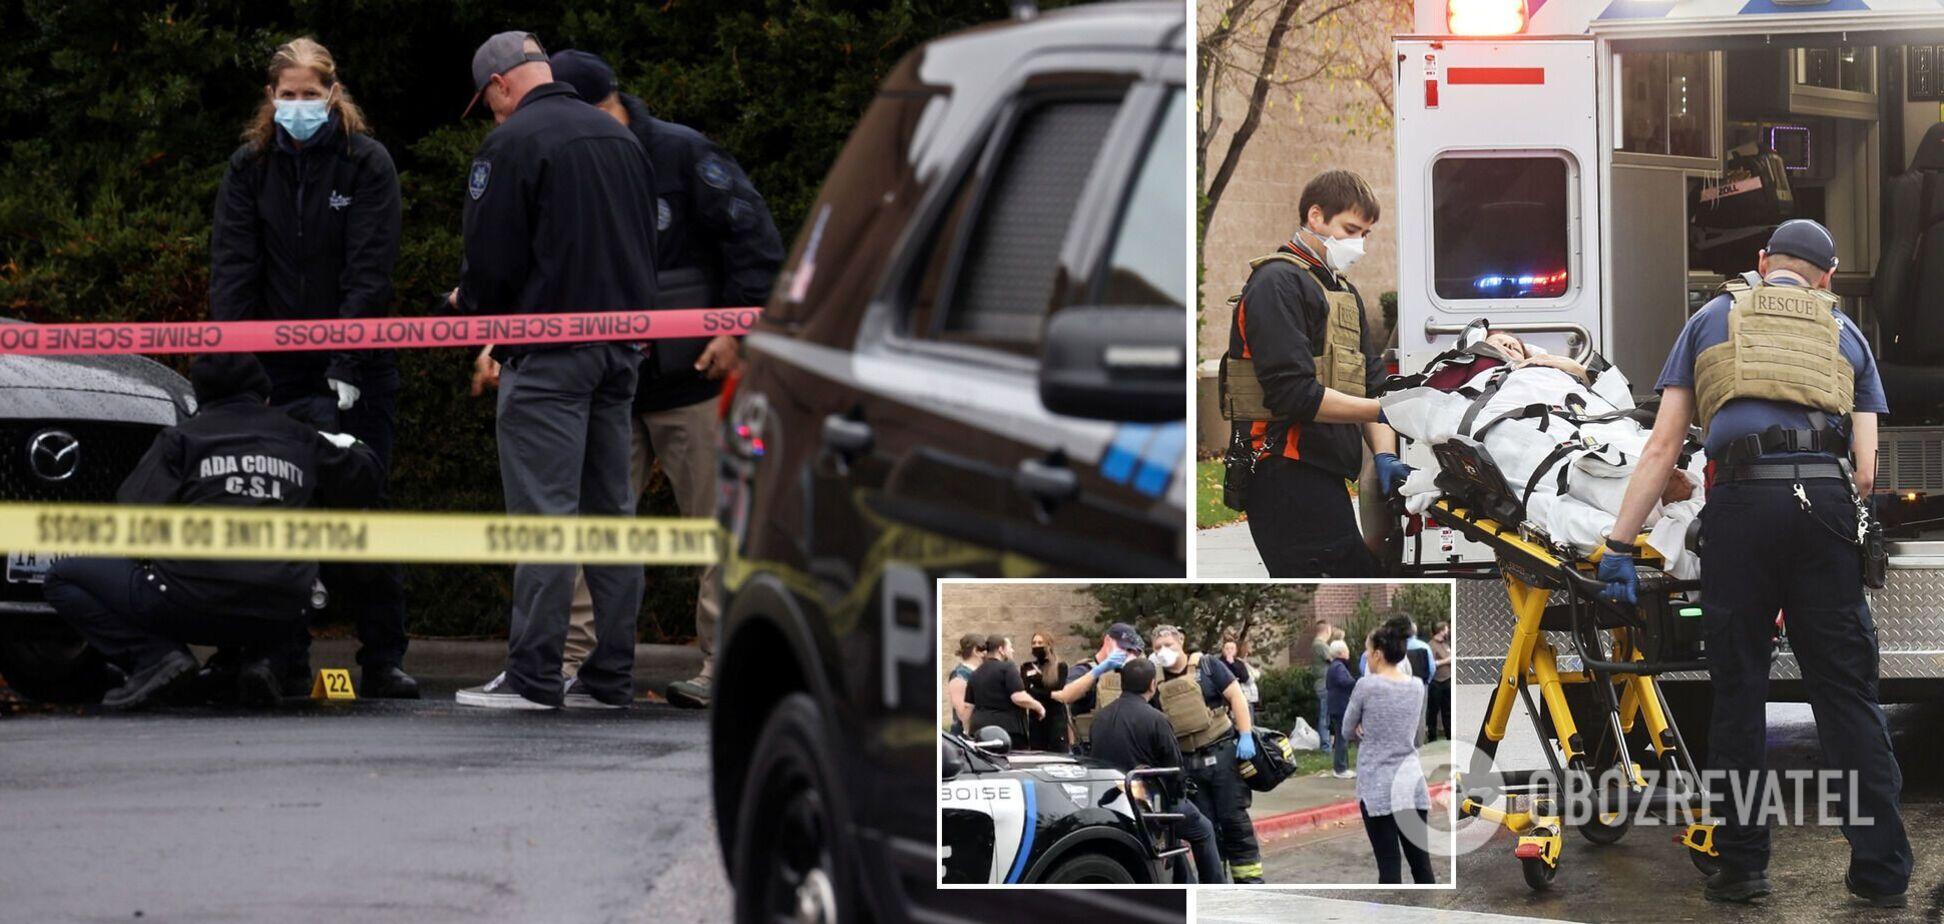 У США трапилася стрілянина в торговому центрі: двоє людей загинули, п'ятеро поранені